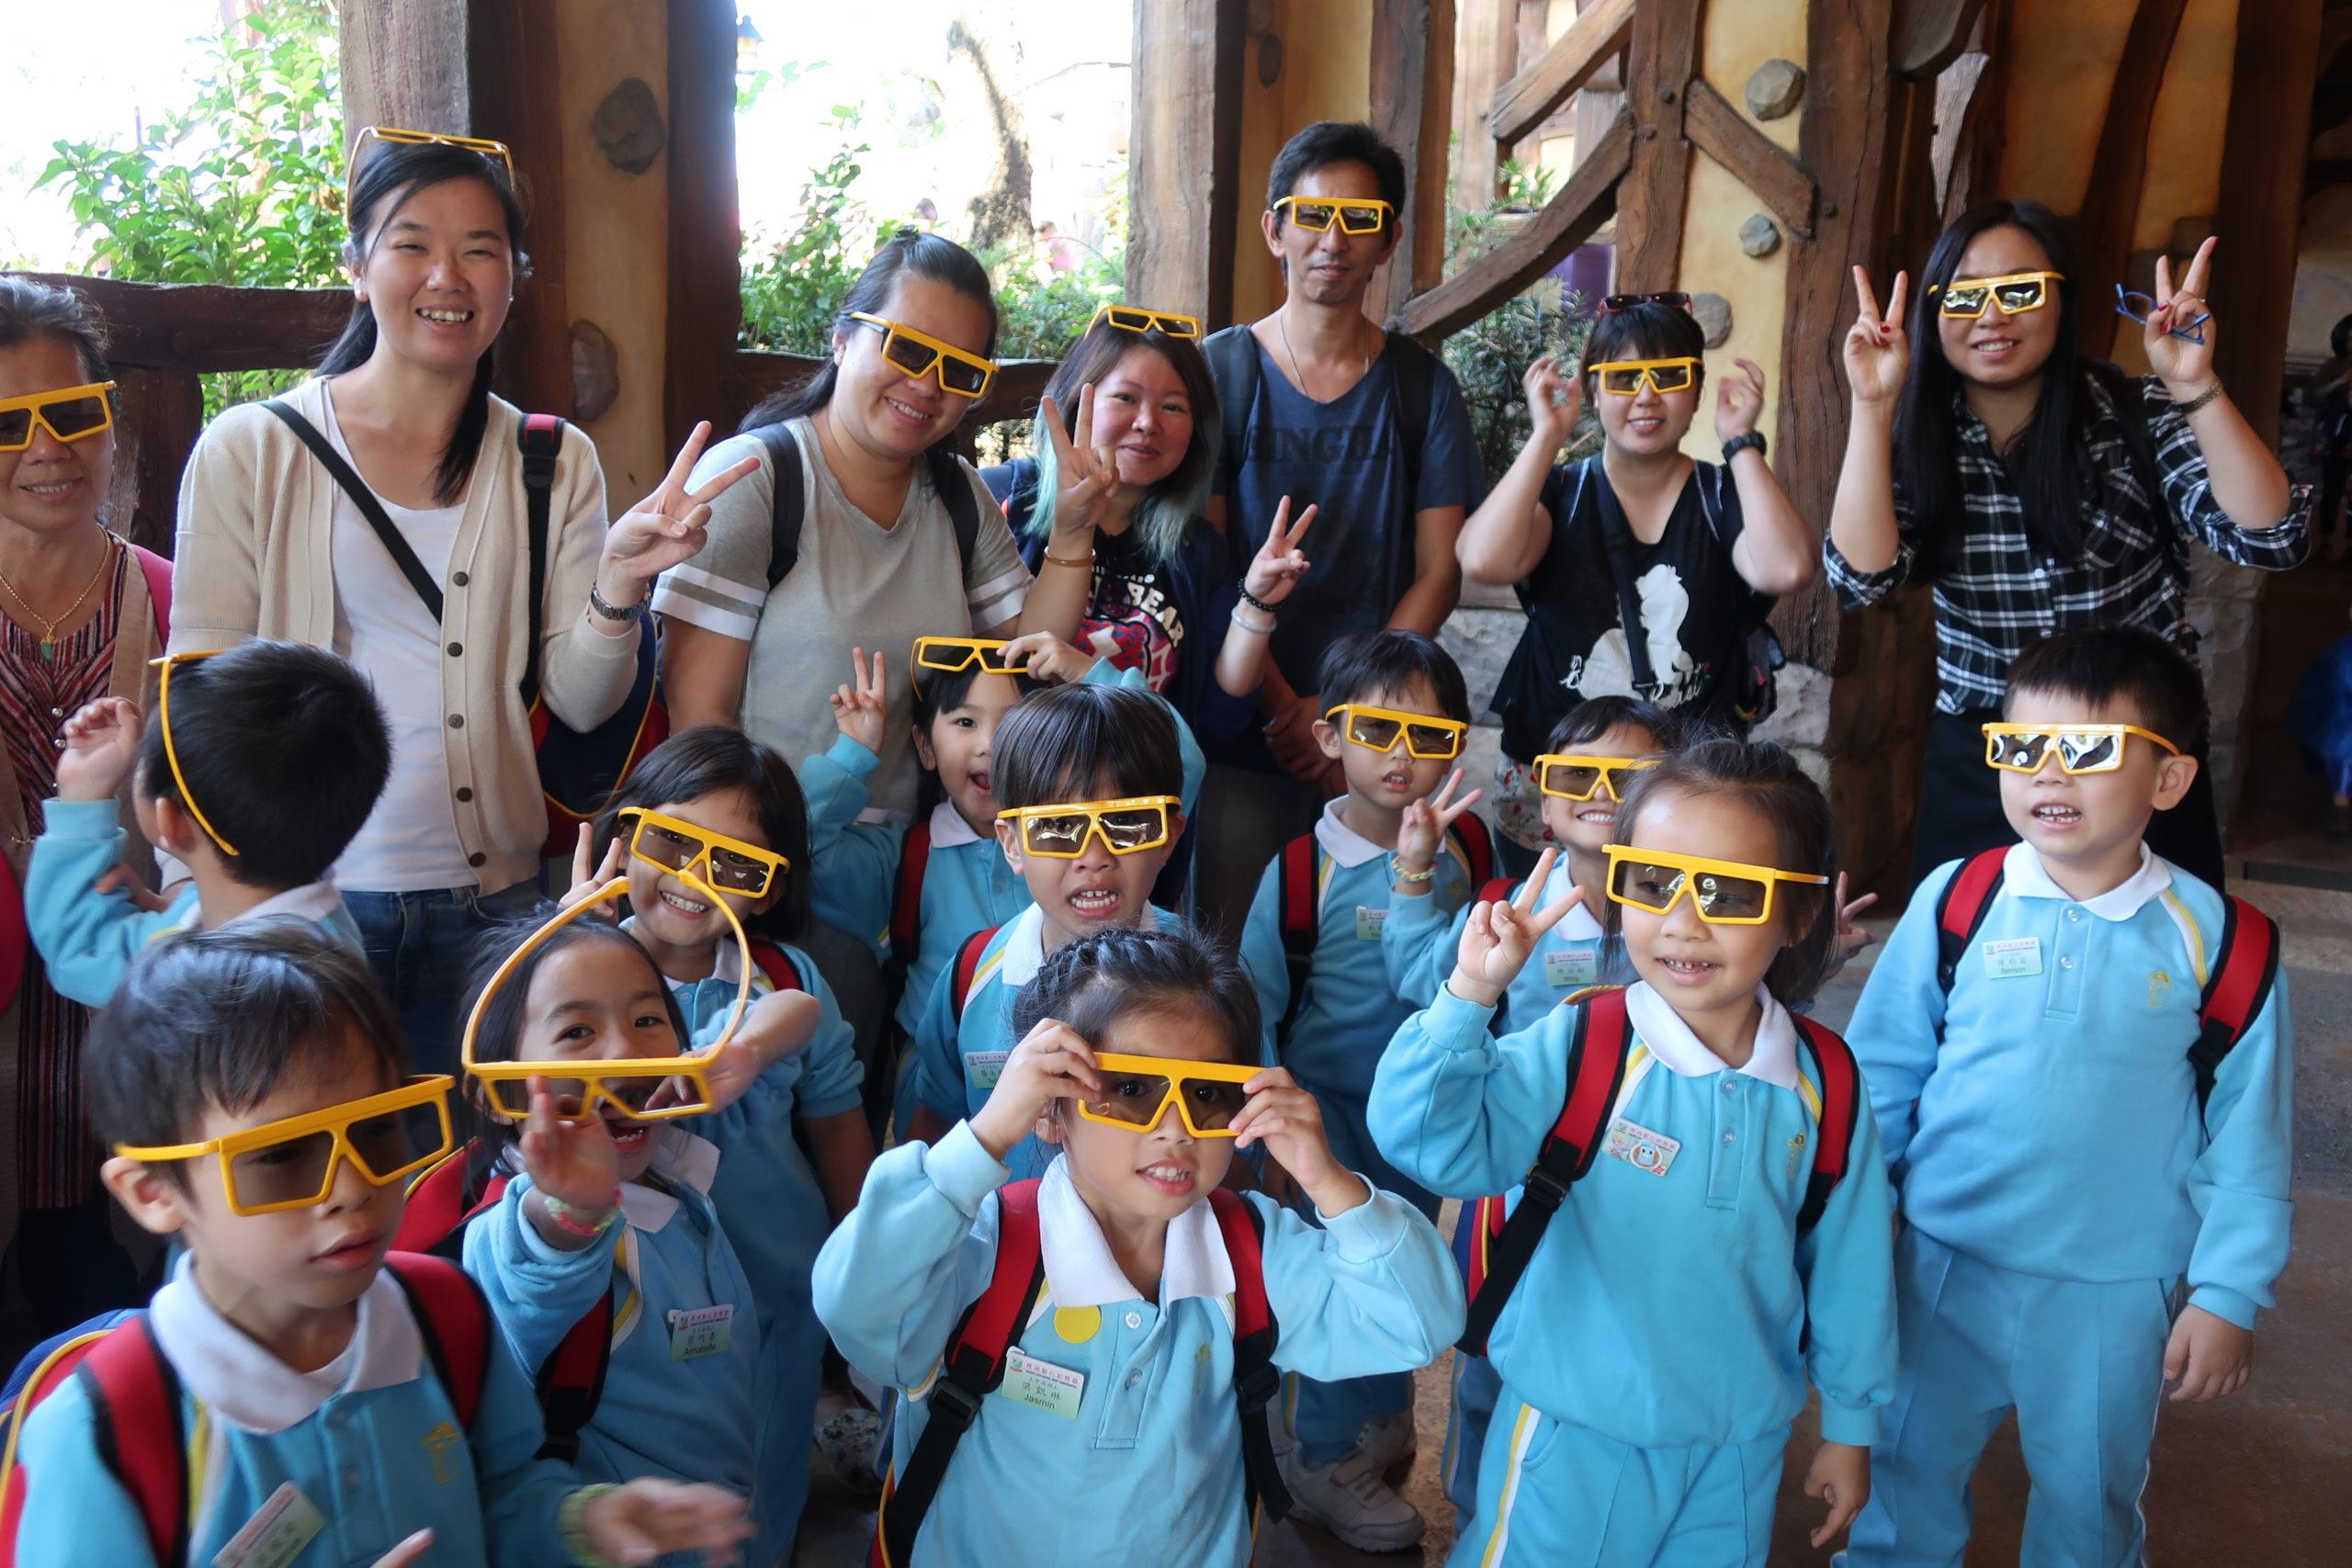 (18-19年度)2018-11-30–高班遊覽廸士尼樂園